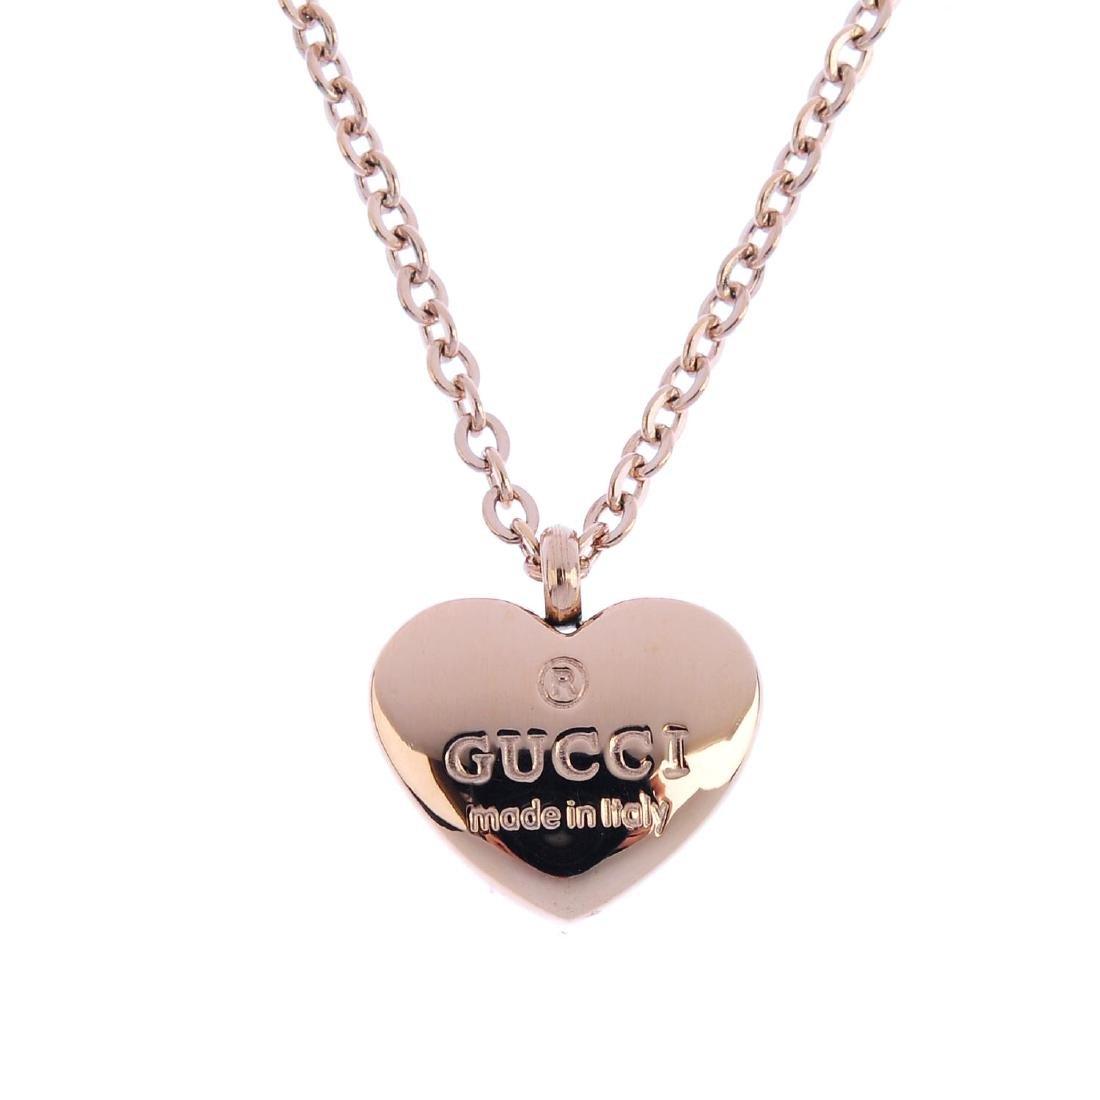 GUCCI - a heart pendant. The heart-shape pendant,